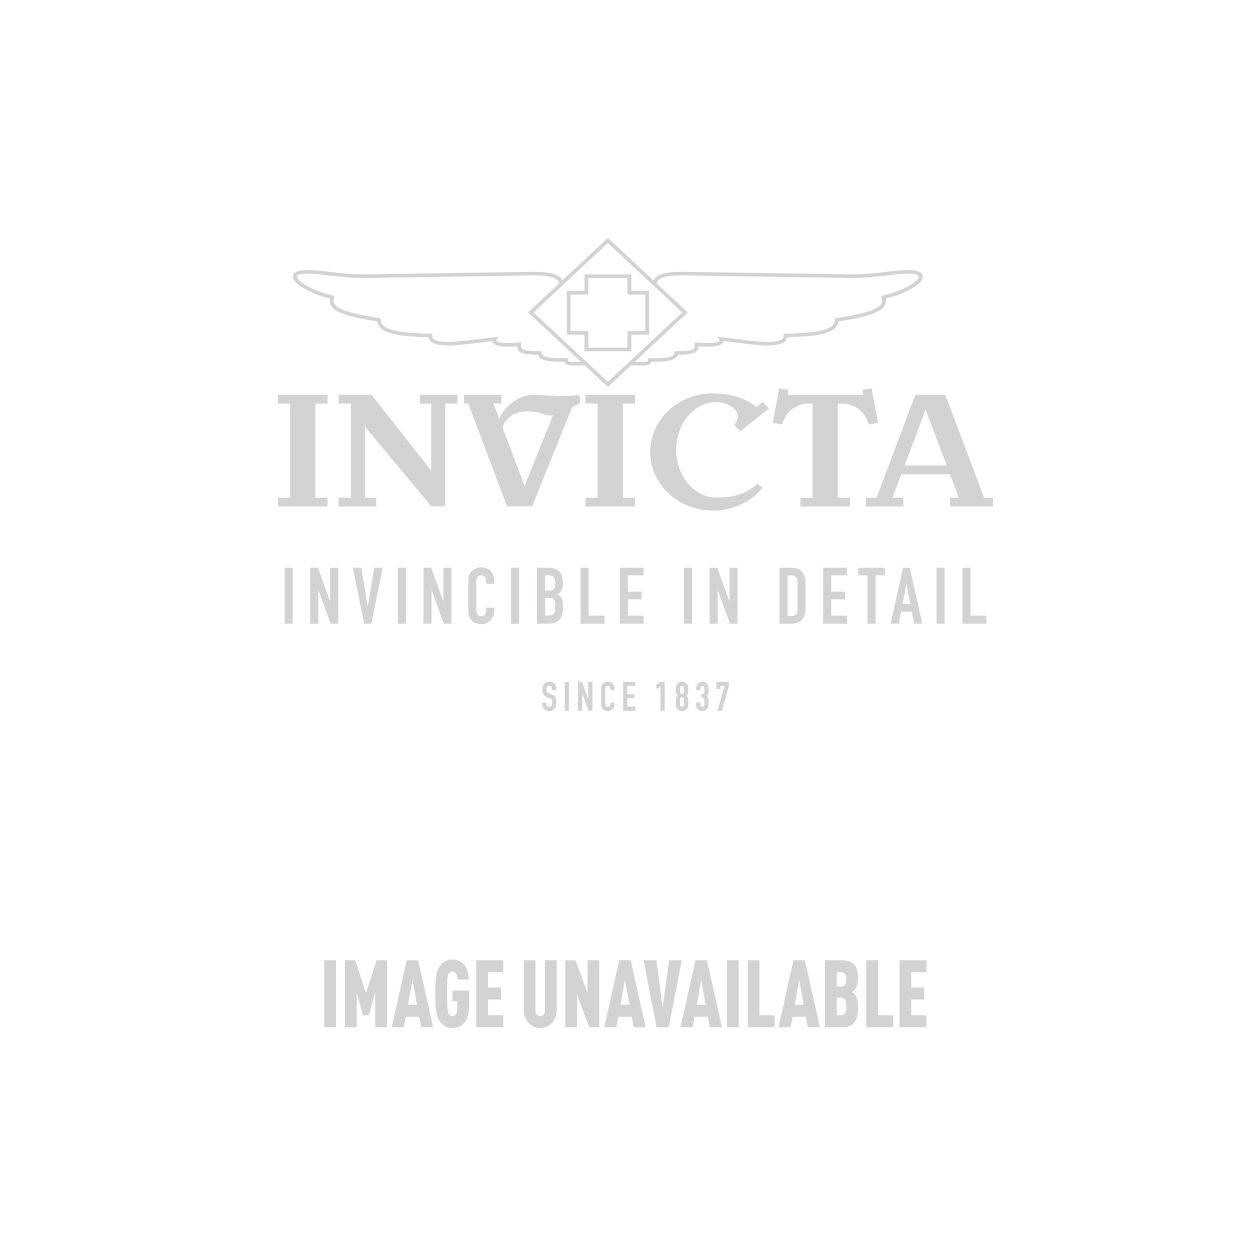 Invicta Model  25837